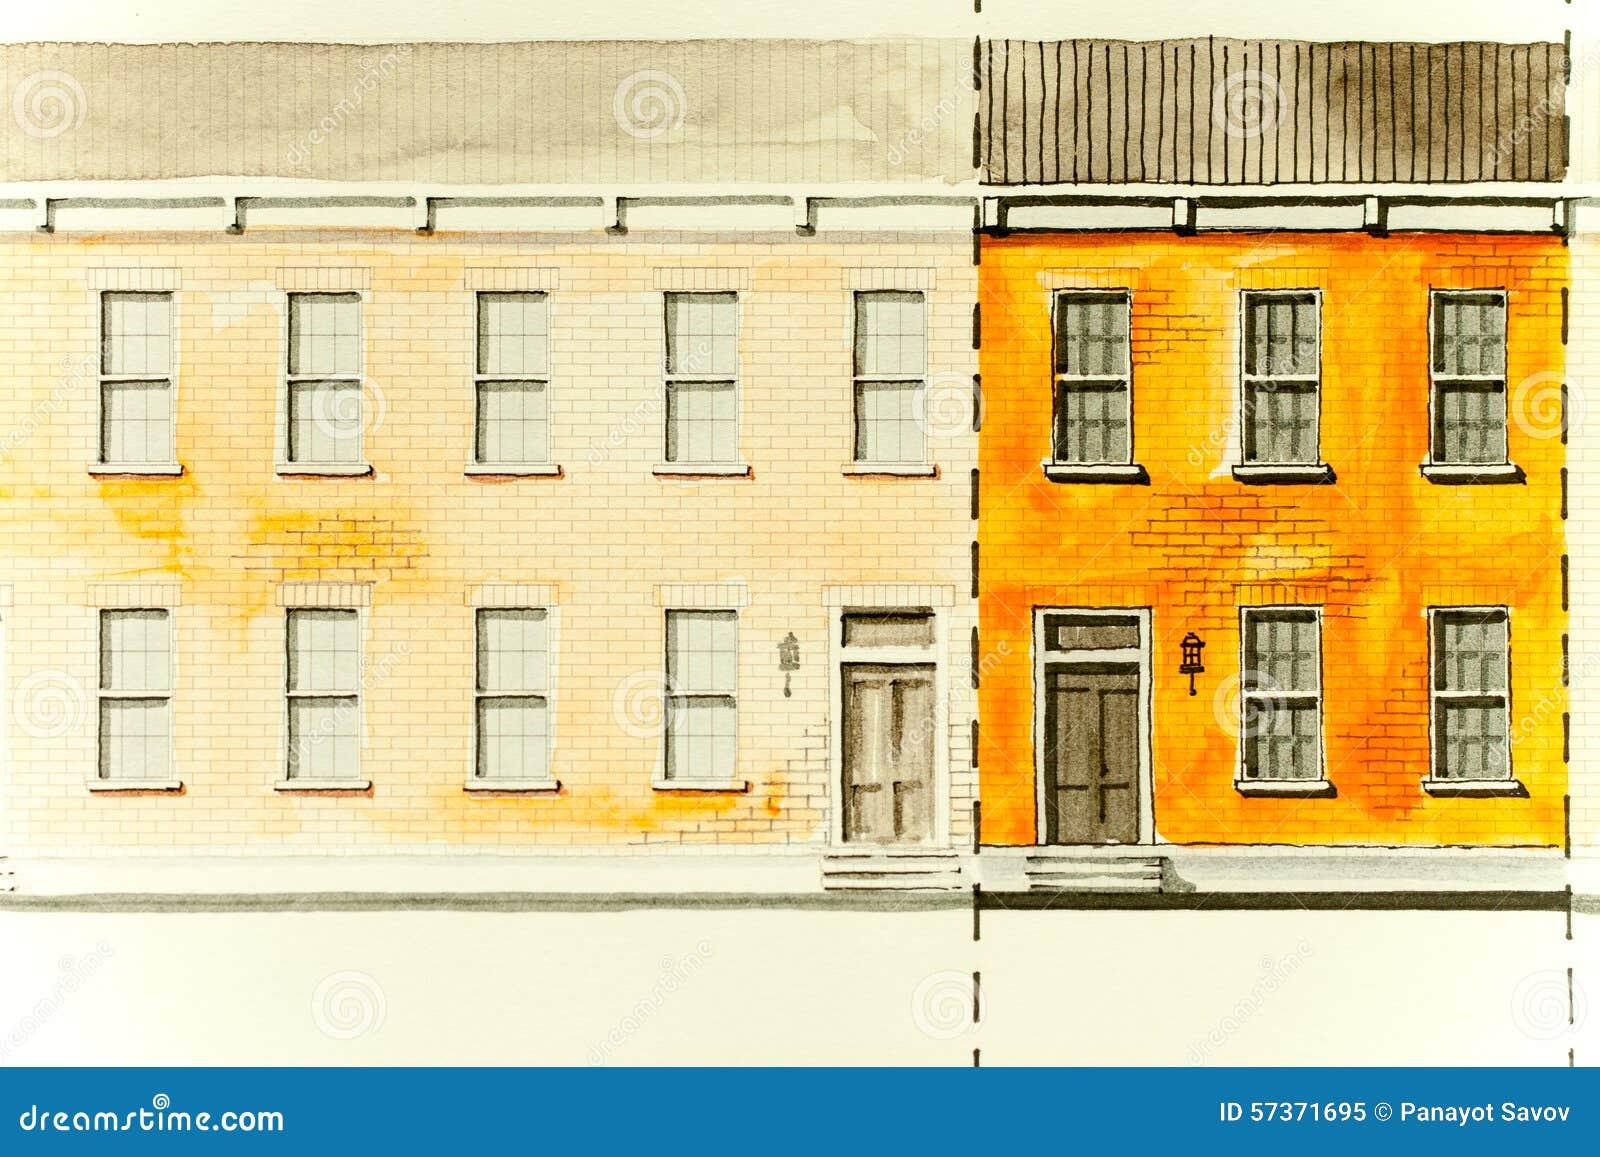 Orange elevation architectural sketch drawing of block for Brick elevation design